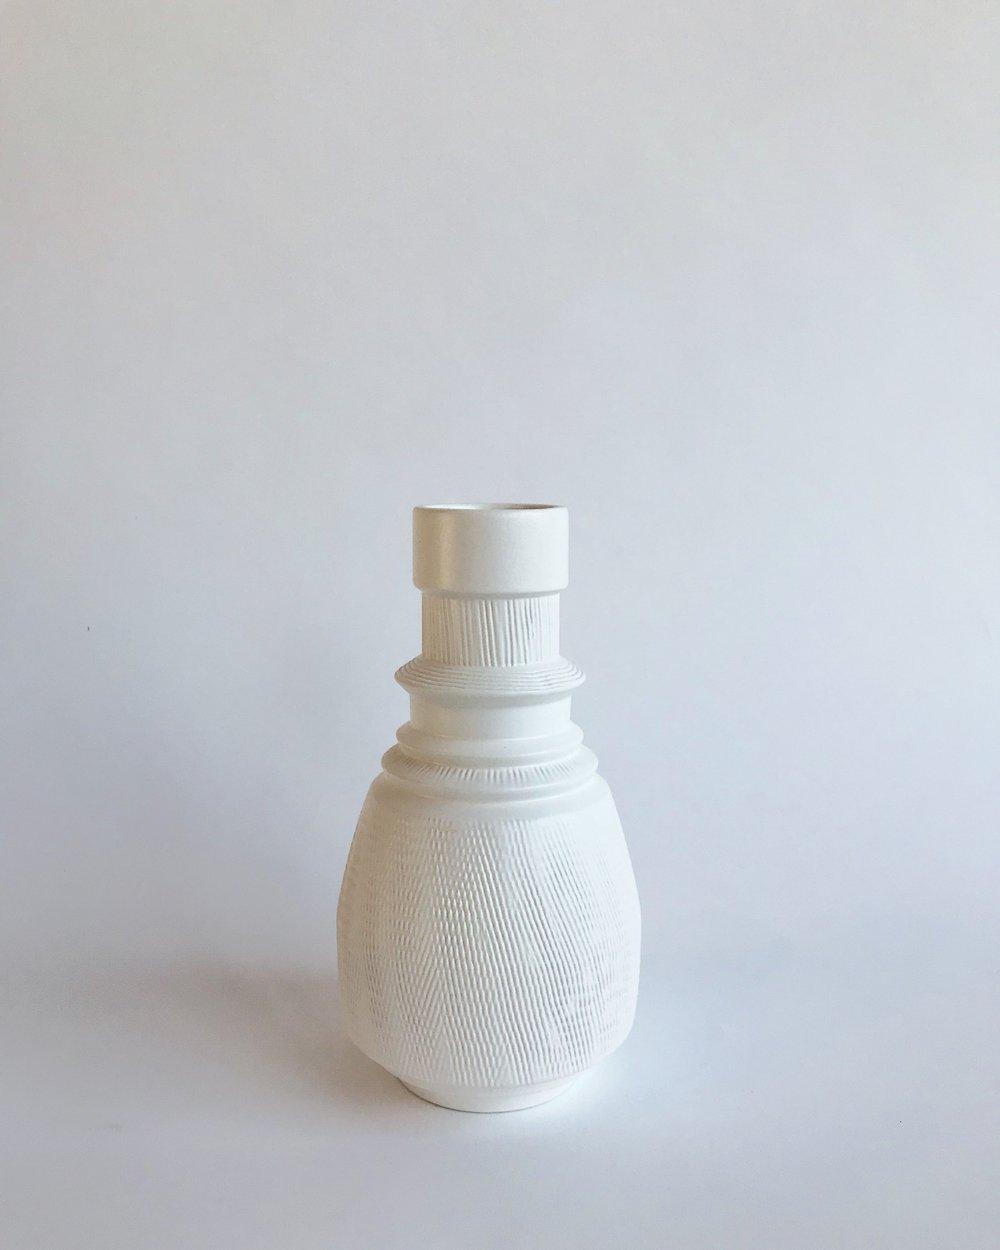 Matte white, textured